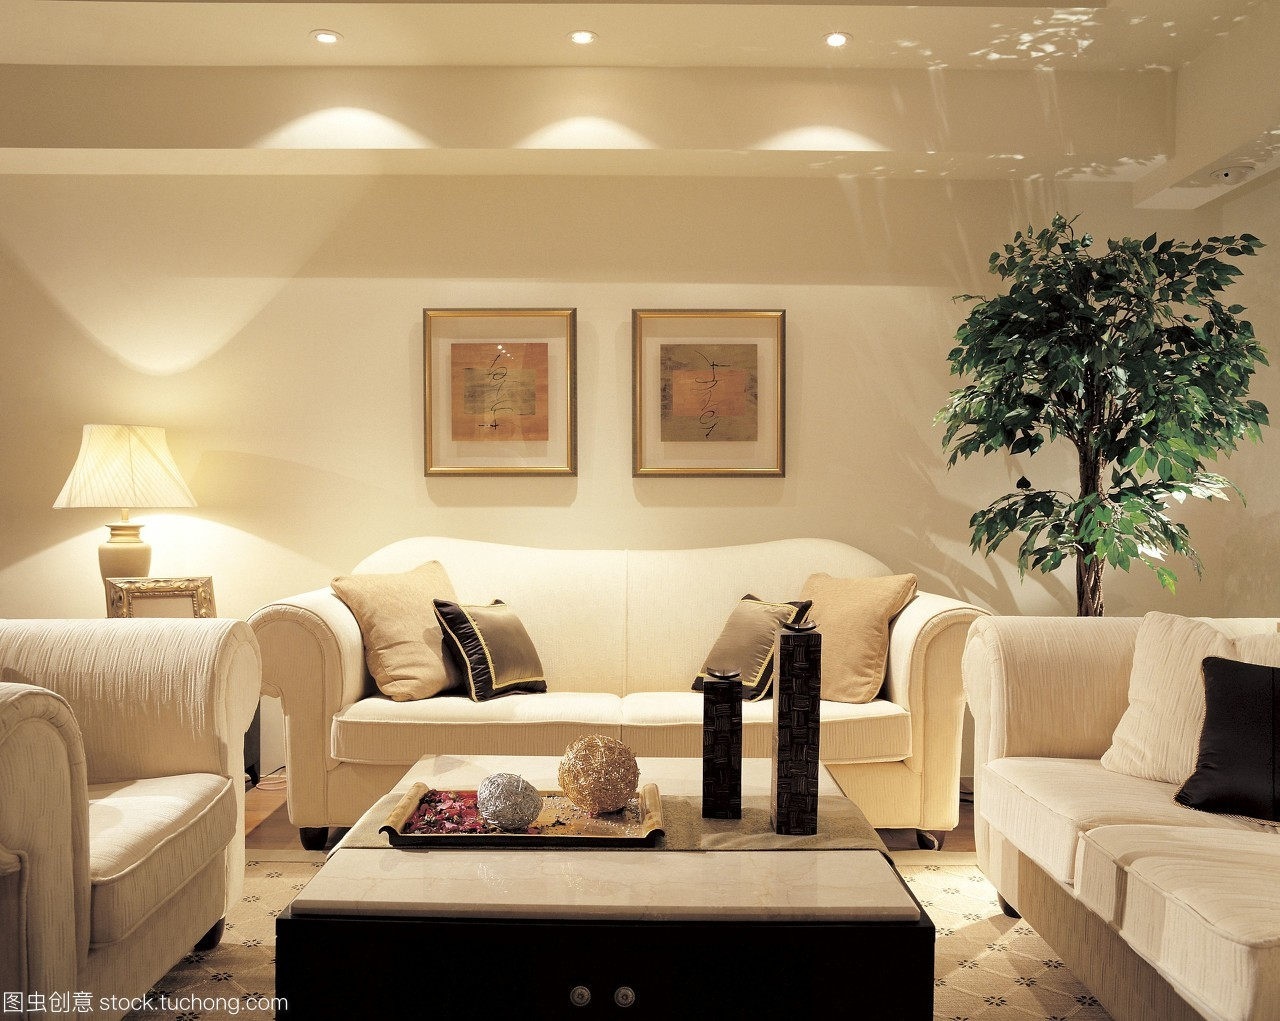 家居装饰品有哪些种类?装饰效果怎么样?